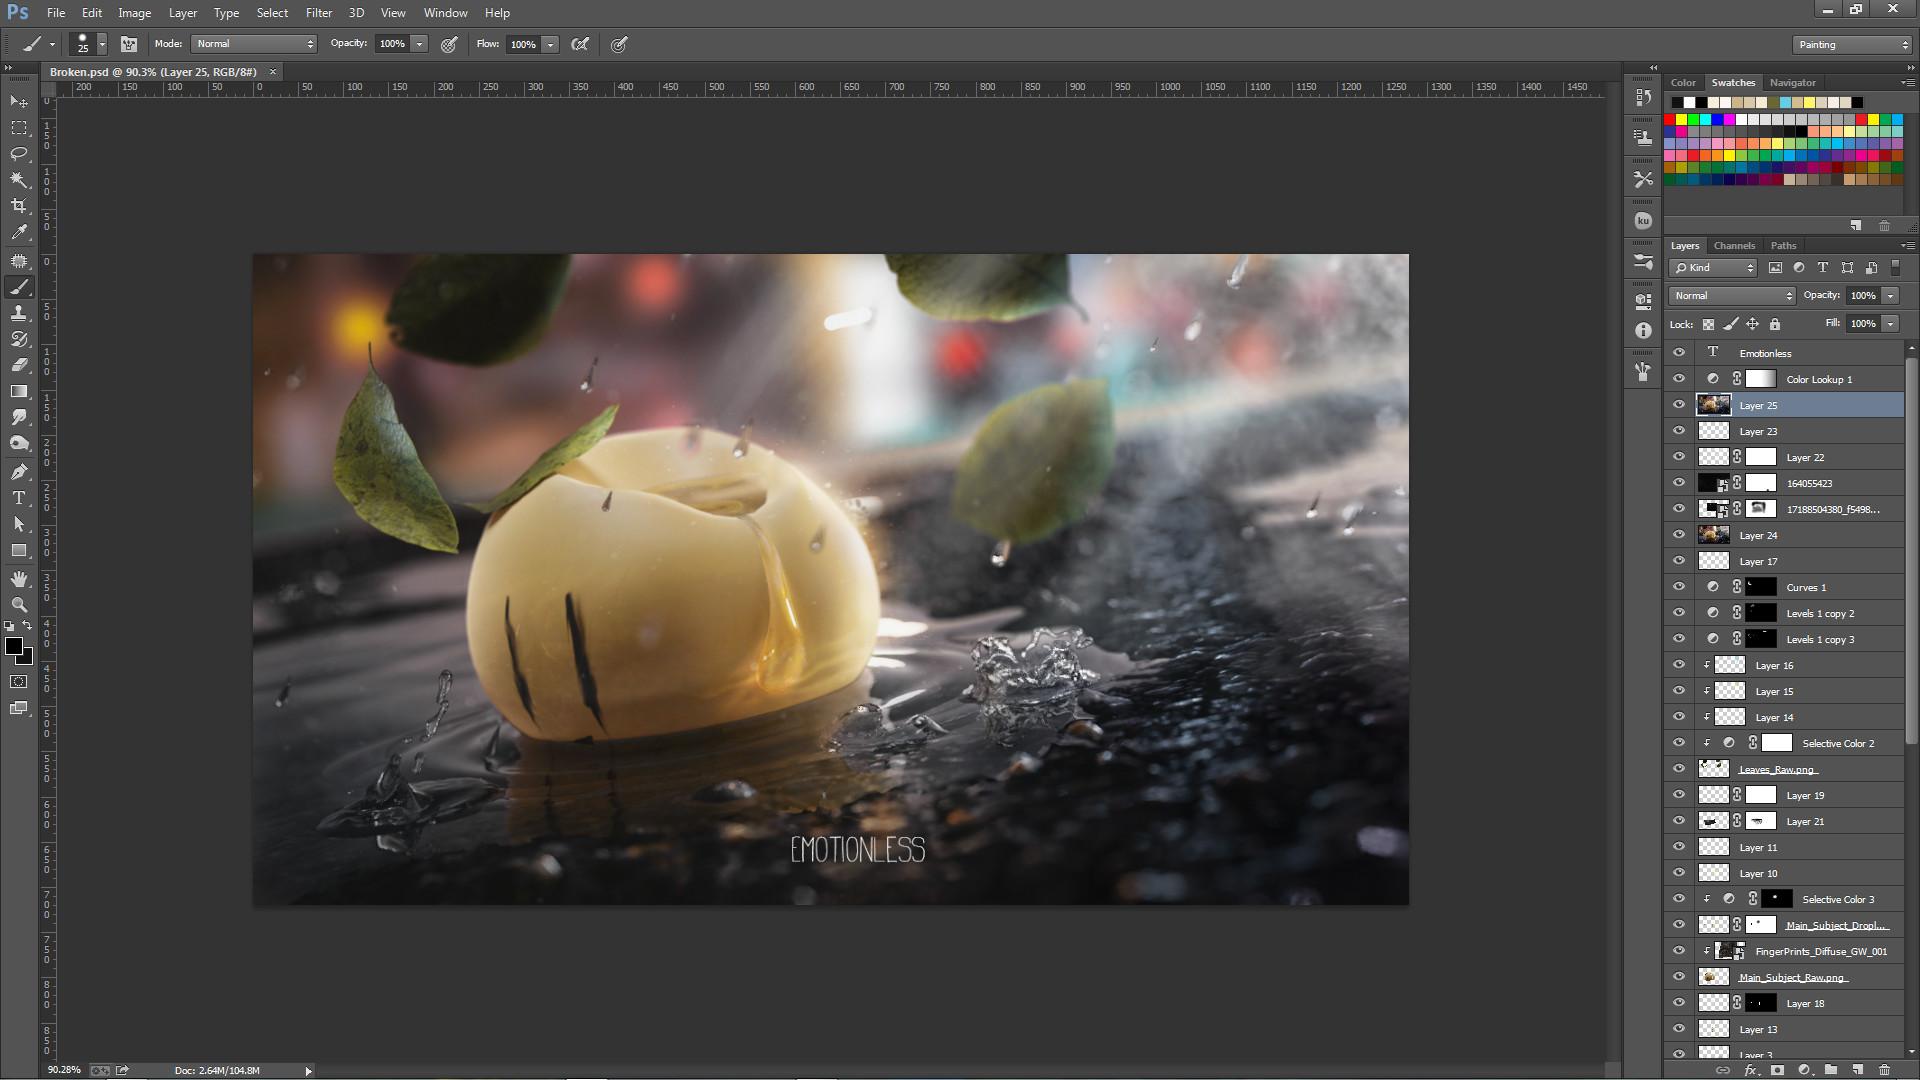 Ravissen carpenen screenshot 02